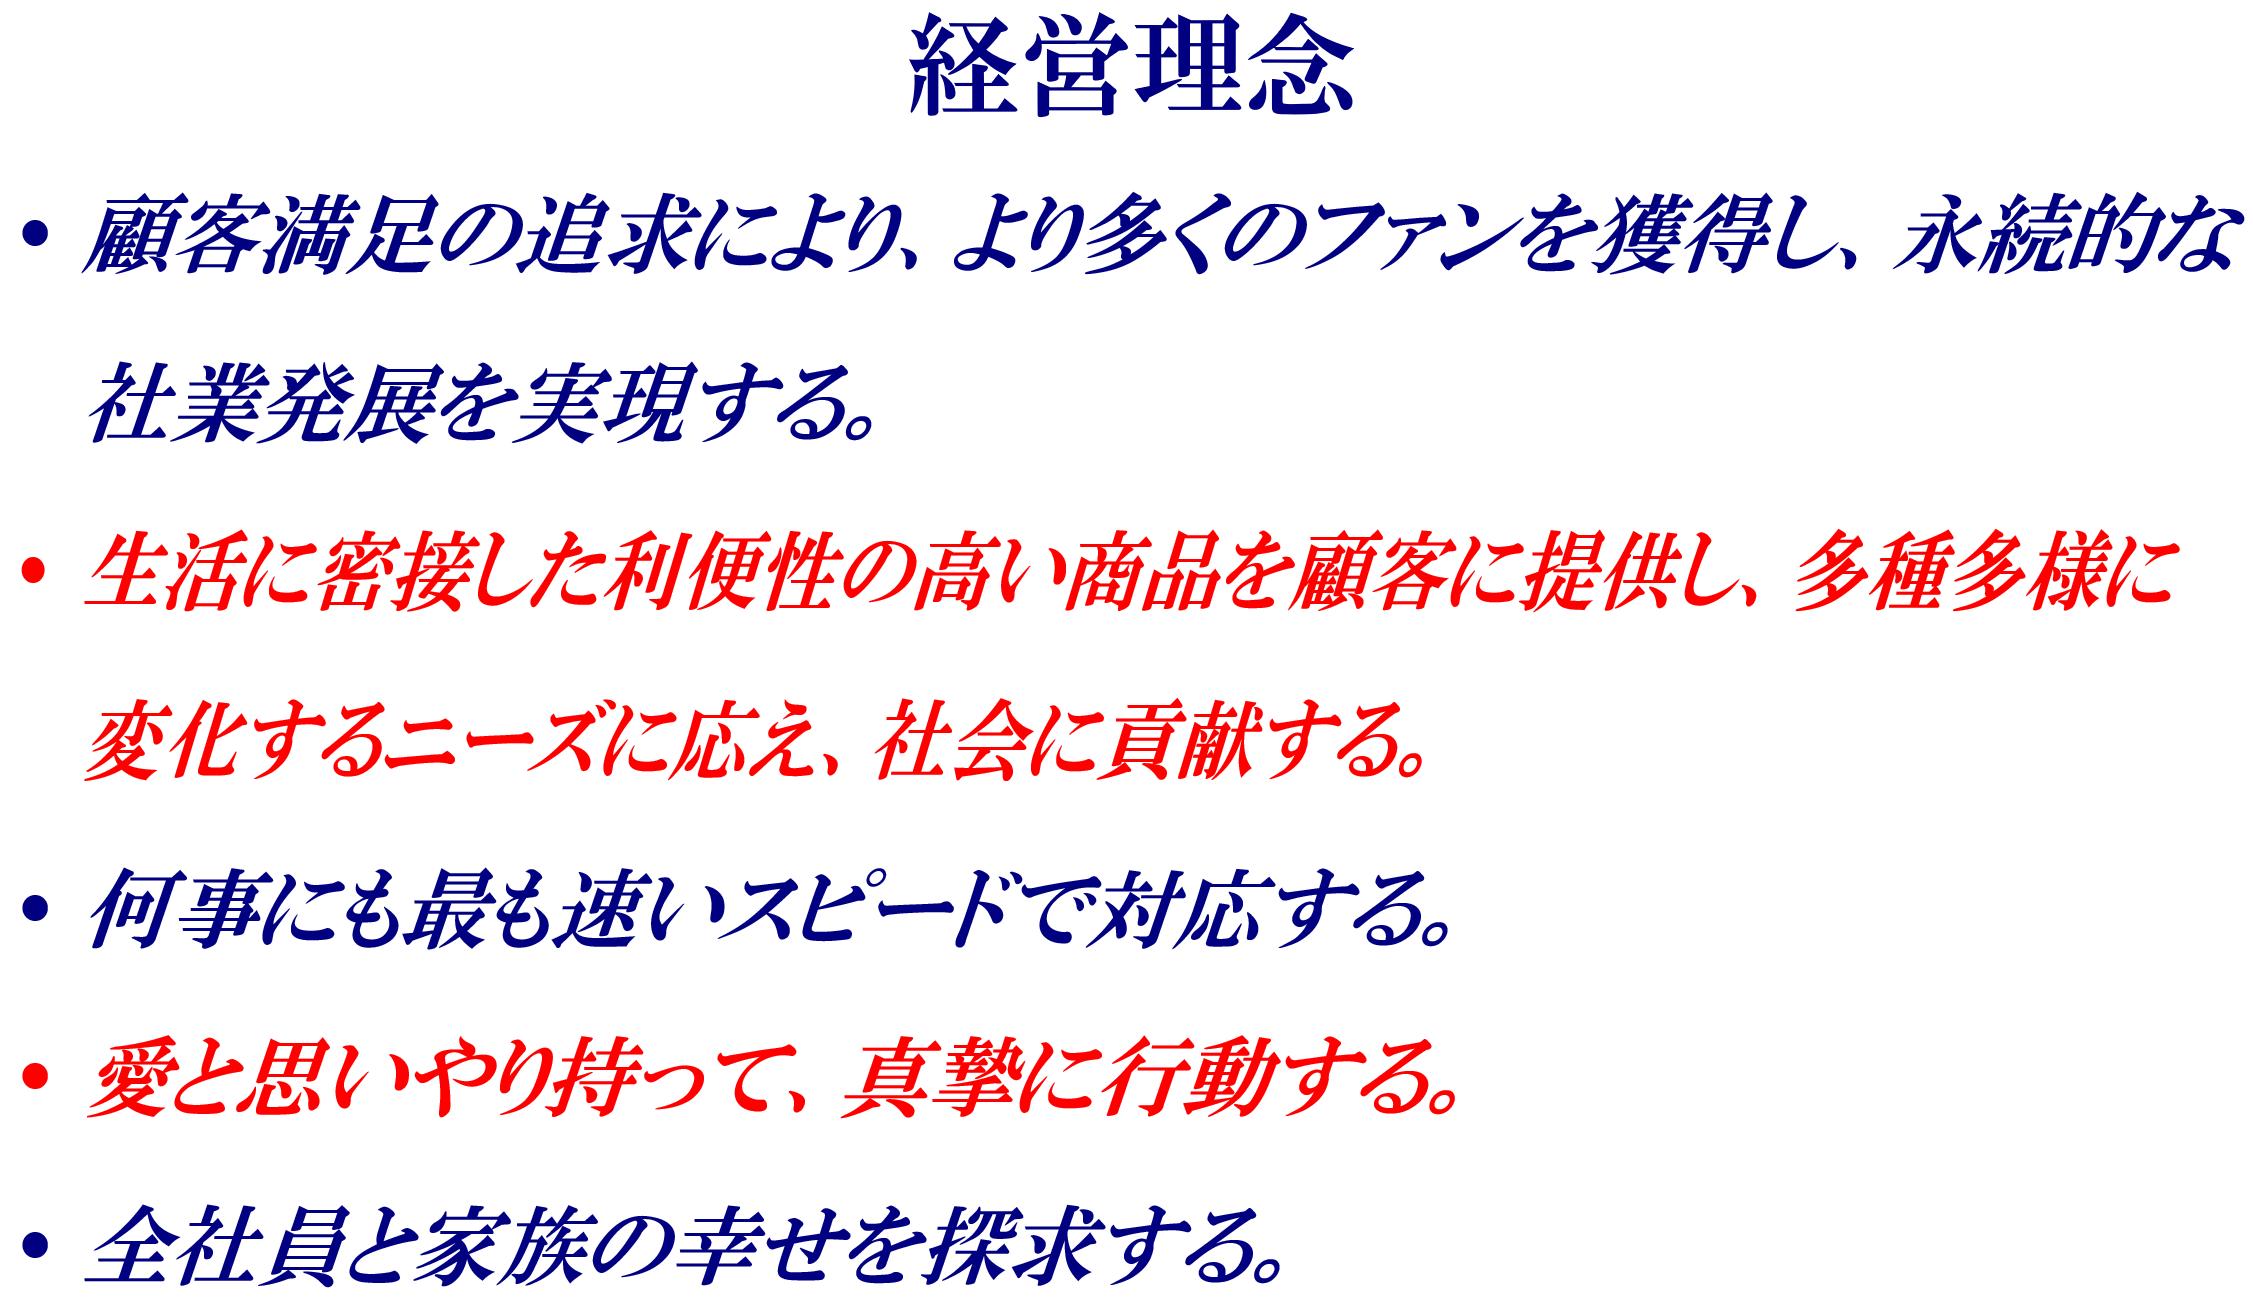 株式会社モリカワ経営理念